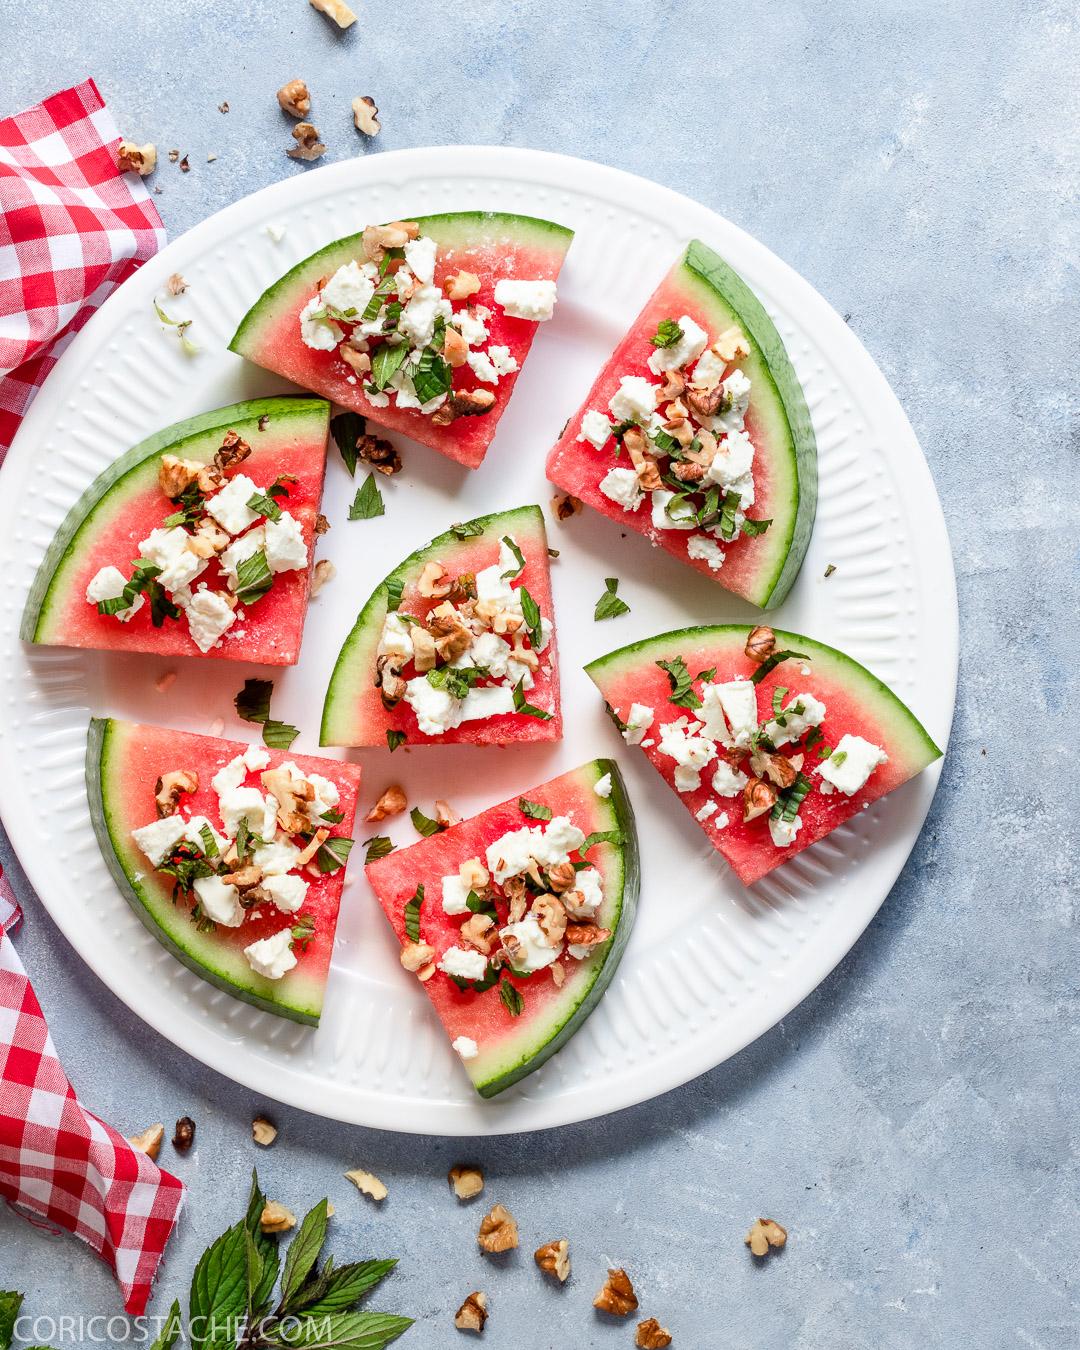 Watermelon Snack with Feta, Mint & Walnuts